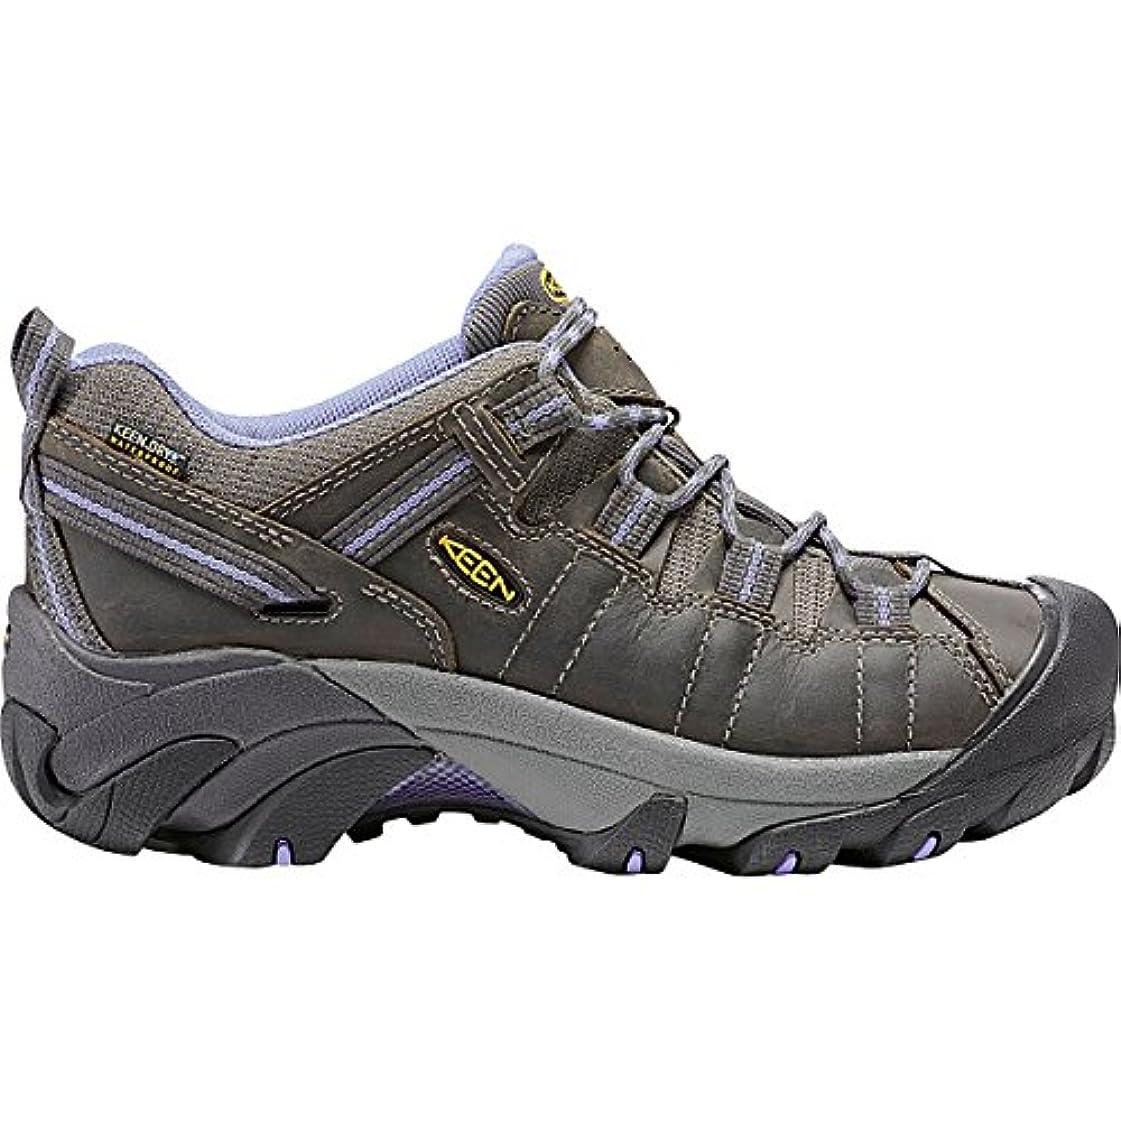 花婿潤滑する処分した[キーン] Targhee ll Waterproof Hiking Shoe レディース ハイキングシューズ [並行輸入品]